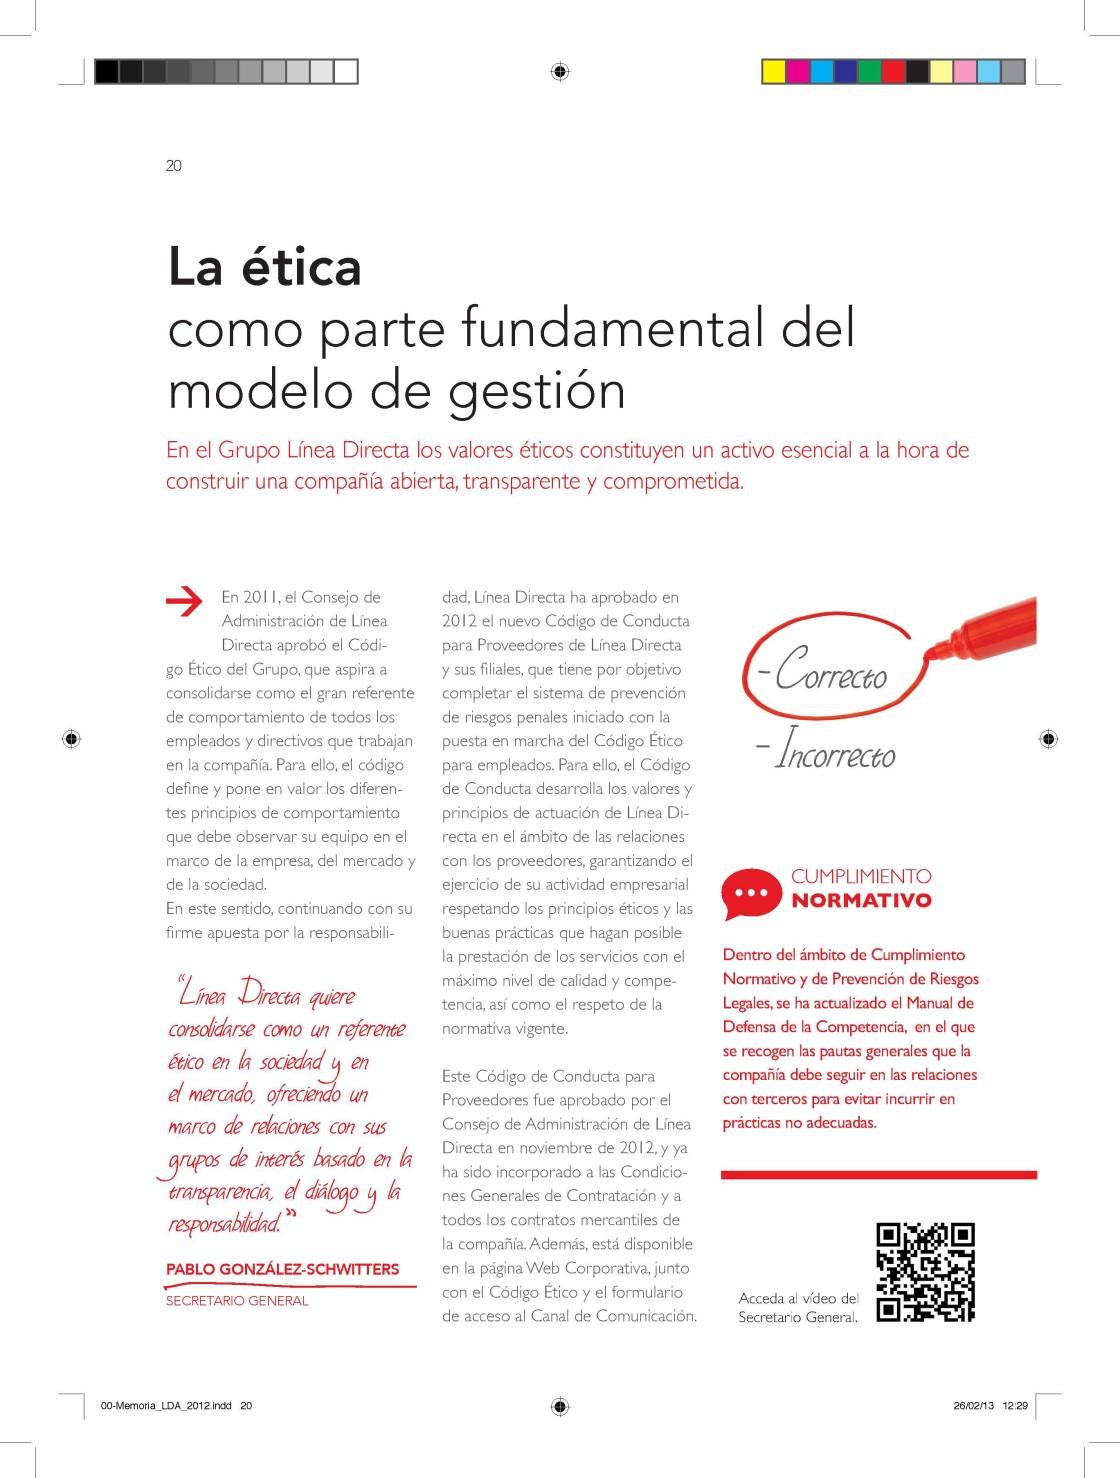 Memoria_LDA_2012_Page_20